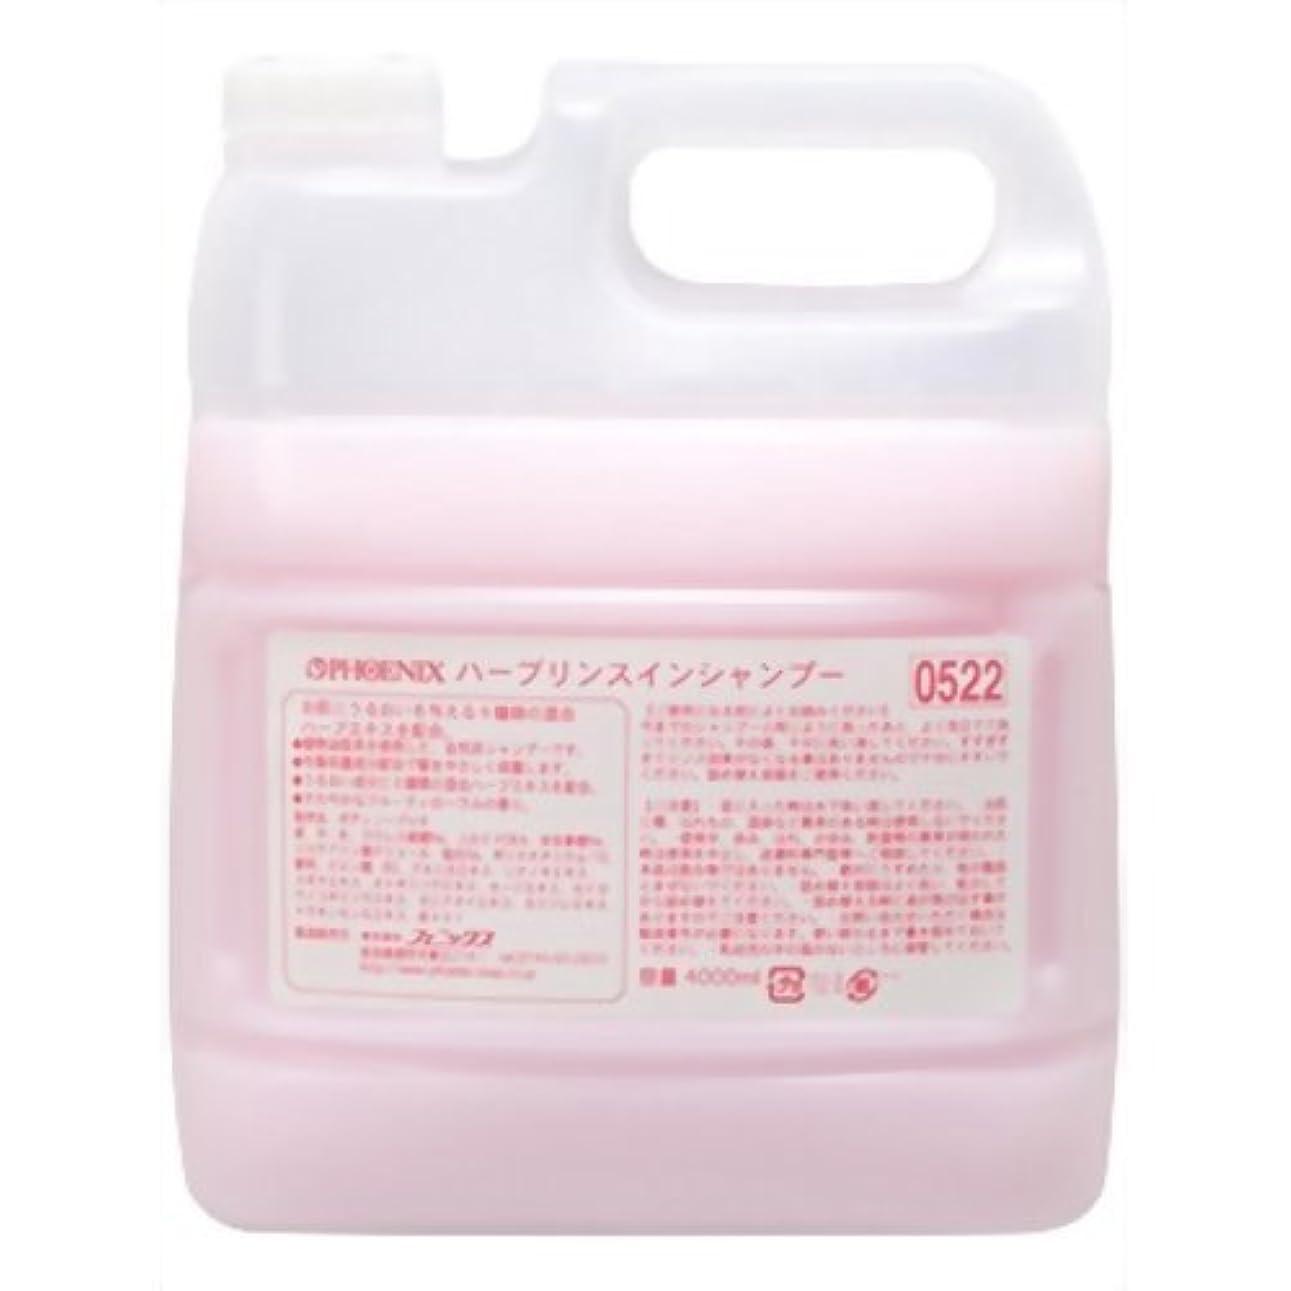 高度干し草テメリティフェニックス ハーブリンスインシャンプー 4L(コック付) 【品番】ZSY6801